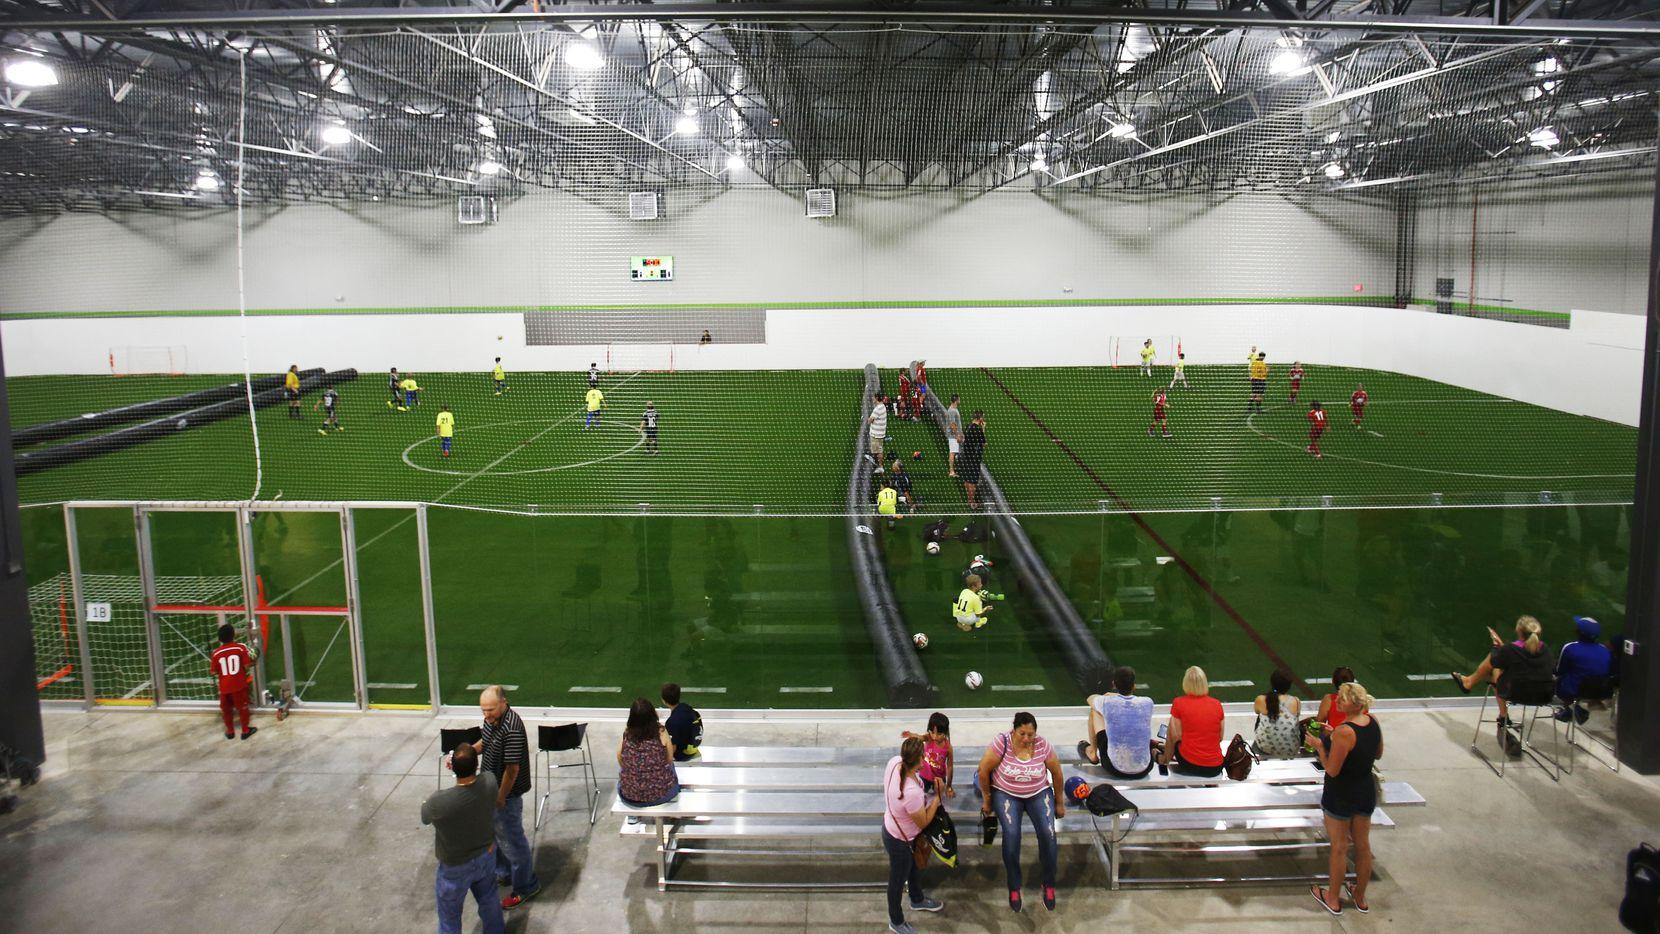 Los Mesquite Outlaws serán un nuevo equipo de futbol indoor en el Norte de Texas, que competirá en la liga MASL.